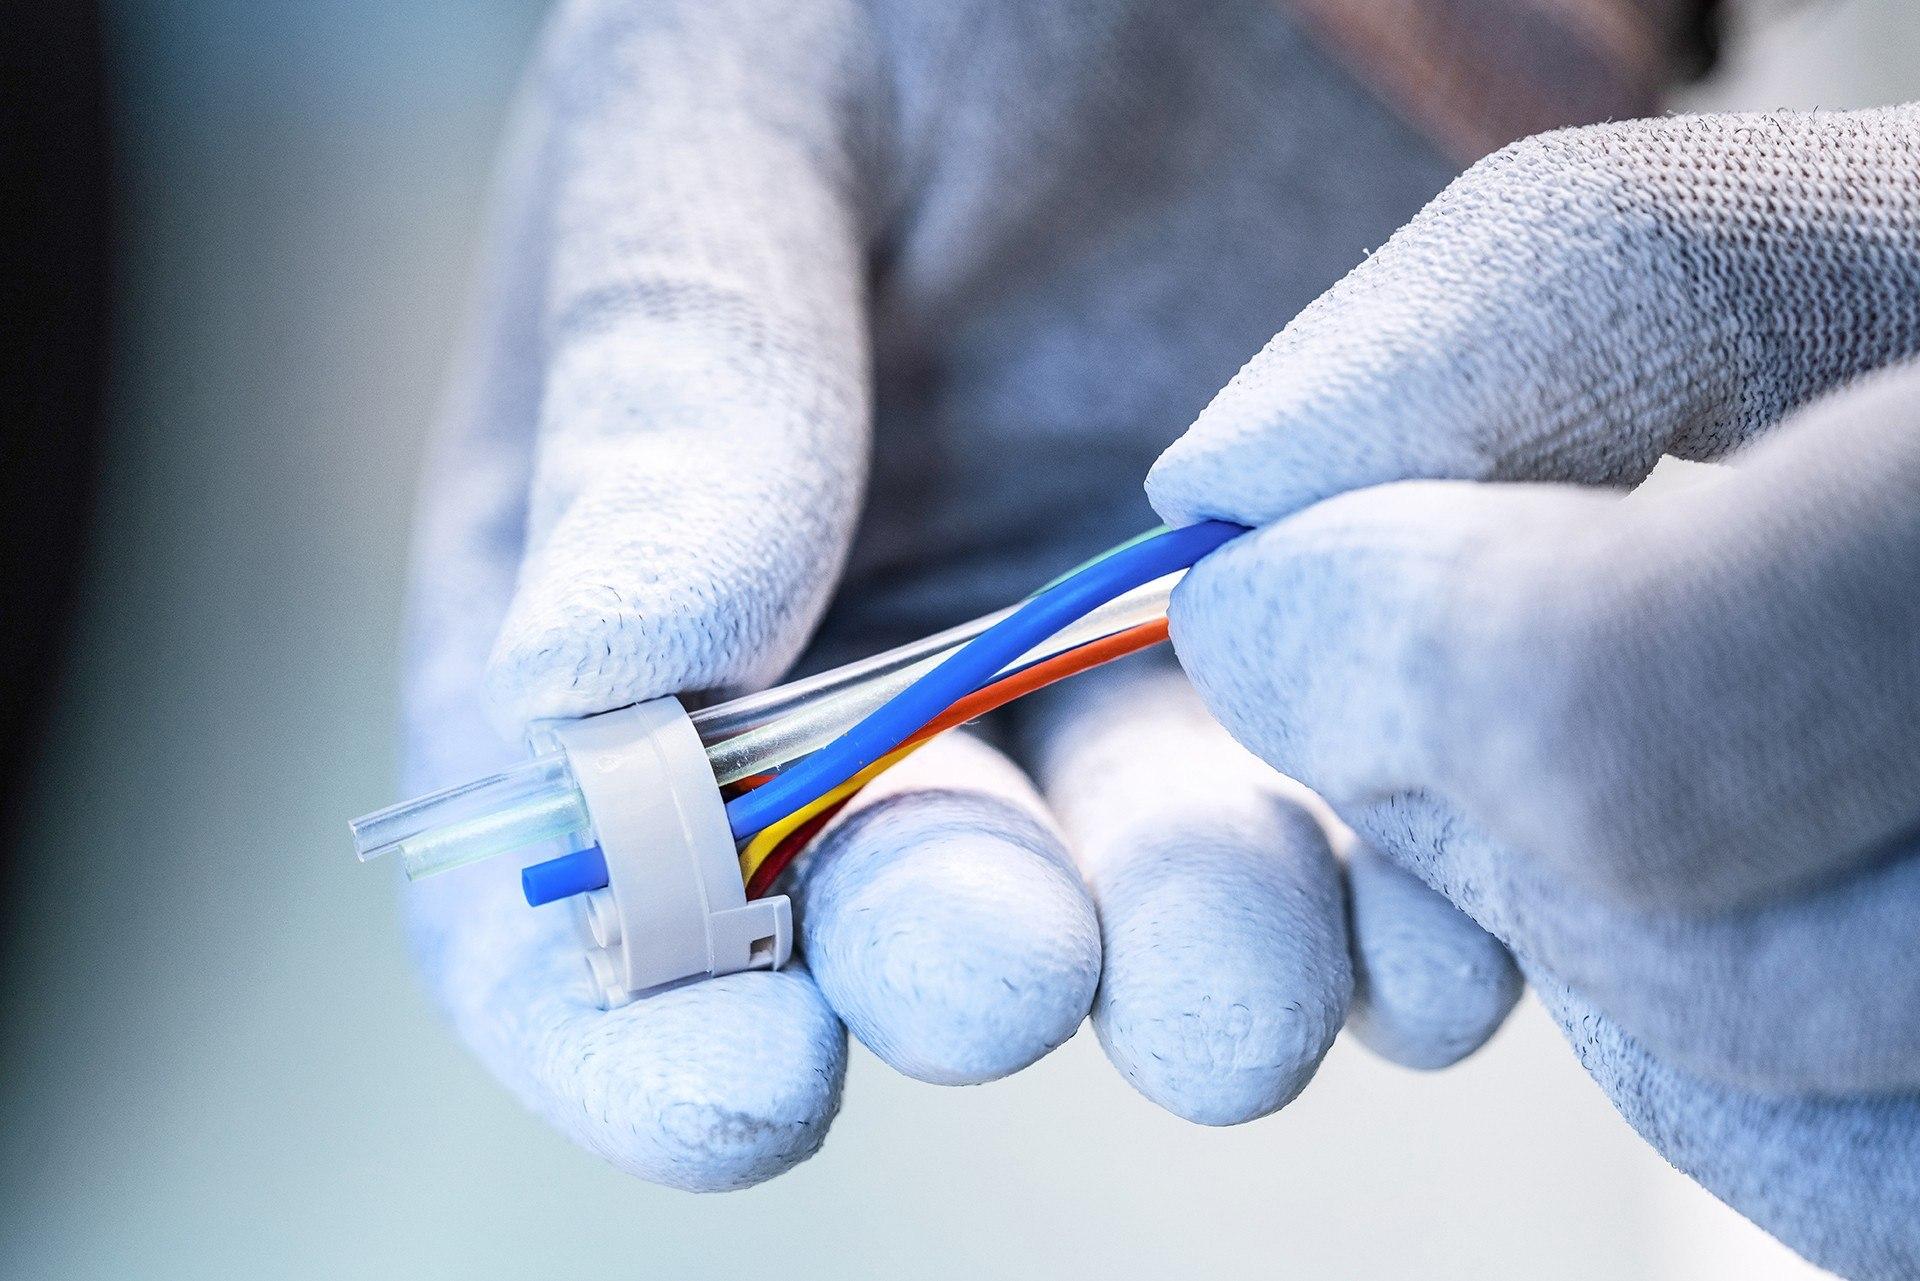 Eine Kappe wird an Kabeln aufgesteckt und montiert